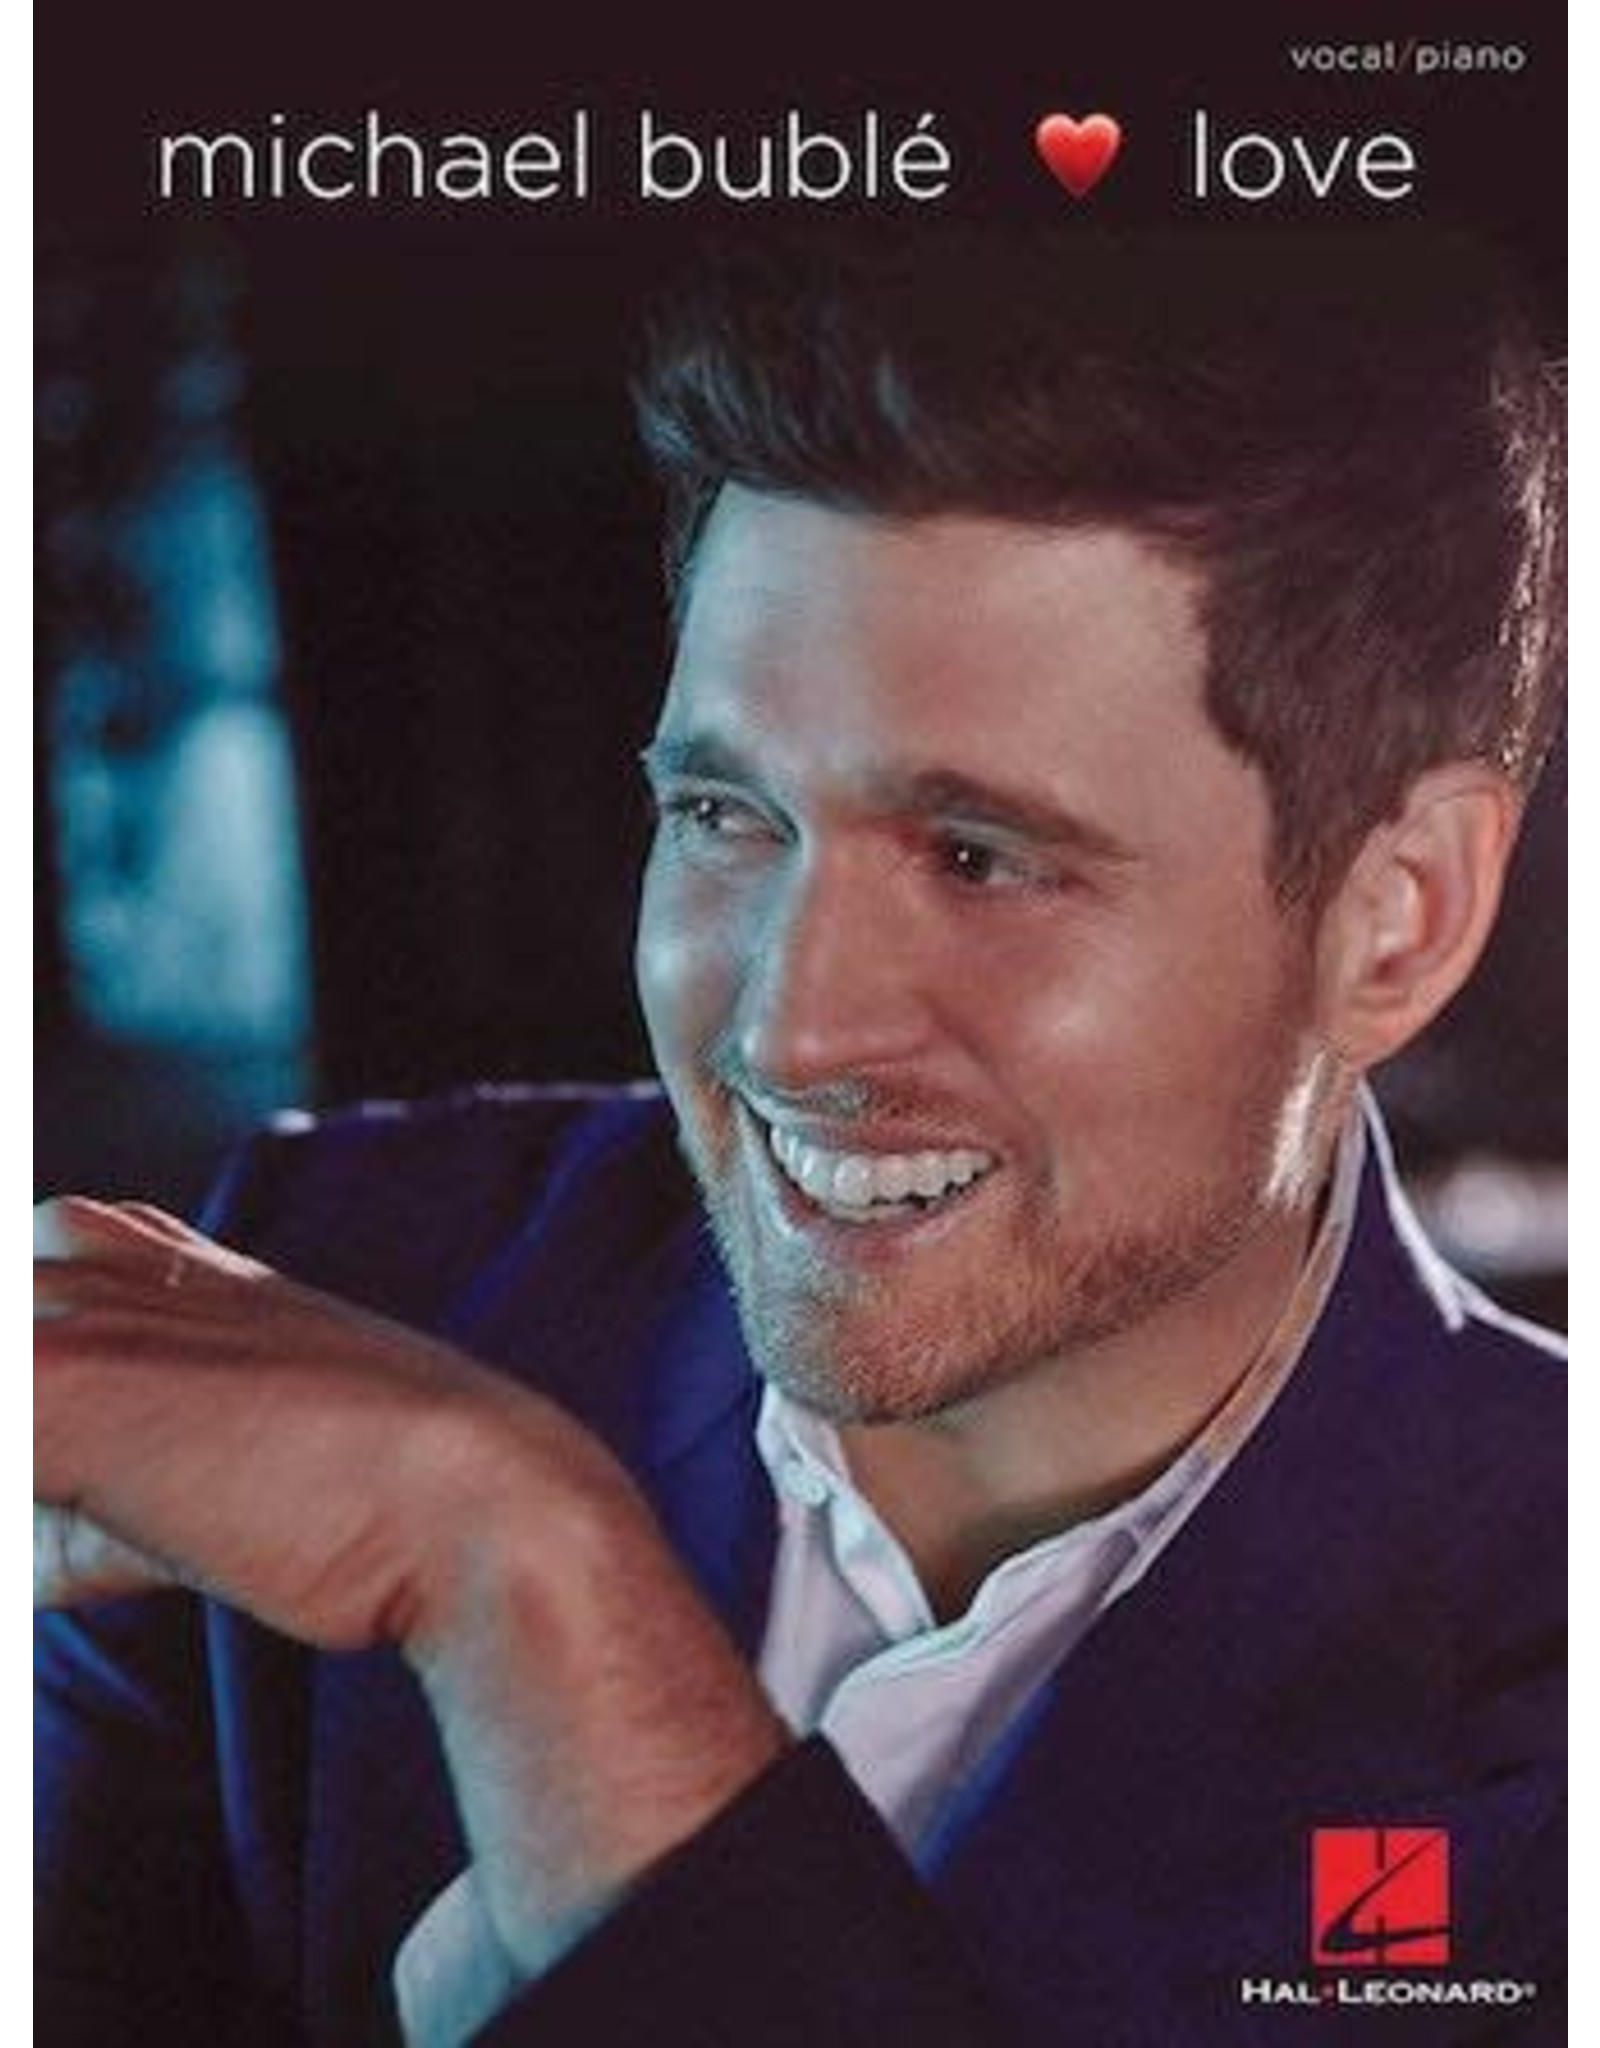 Hal Leonard Love - Michael Buble Piano/Vocal